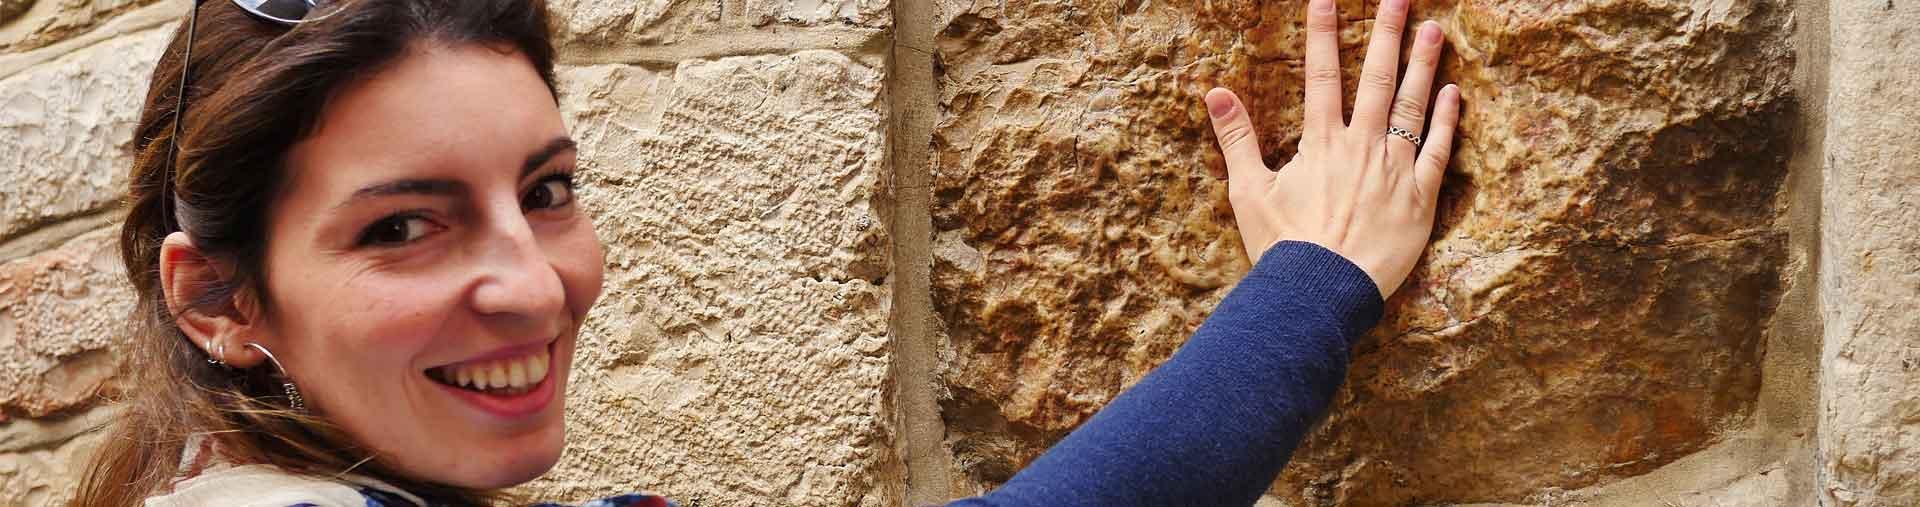 אבן הכותל בירושלים